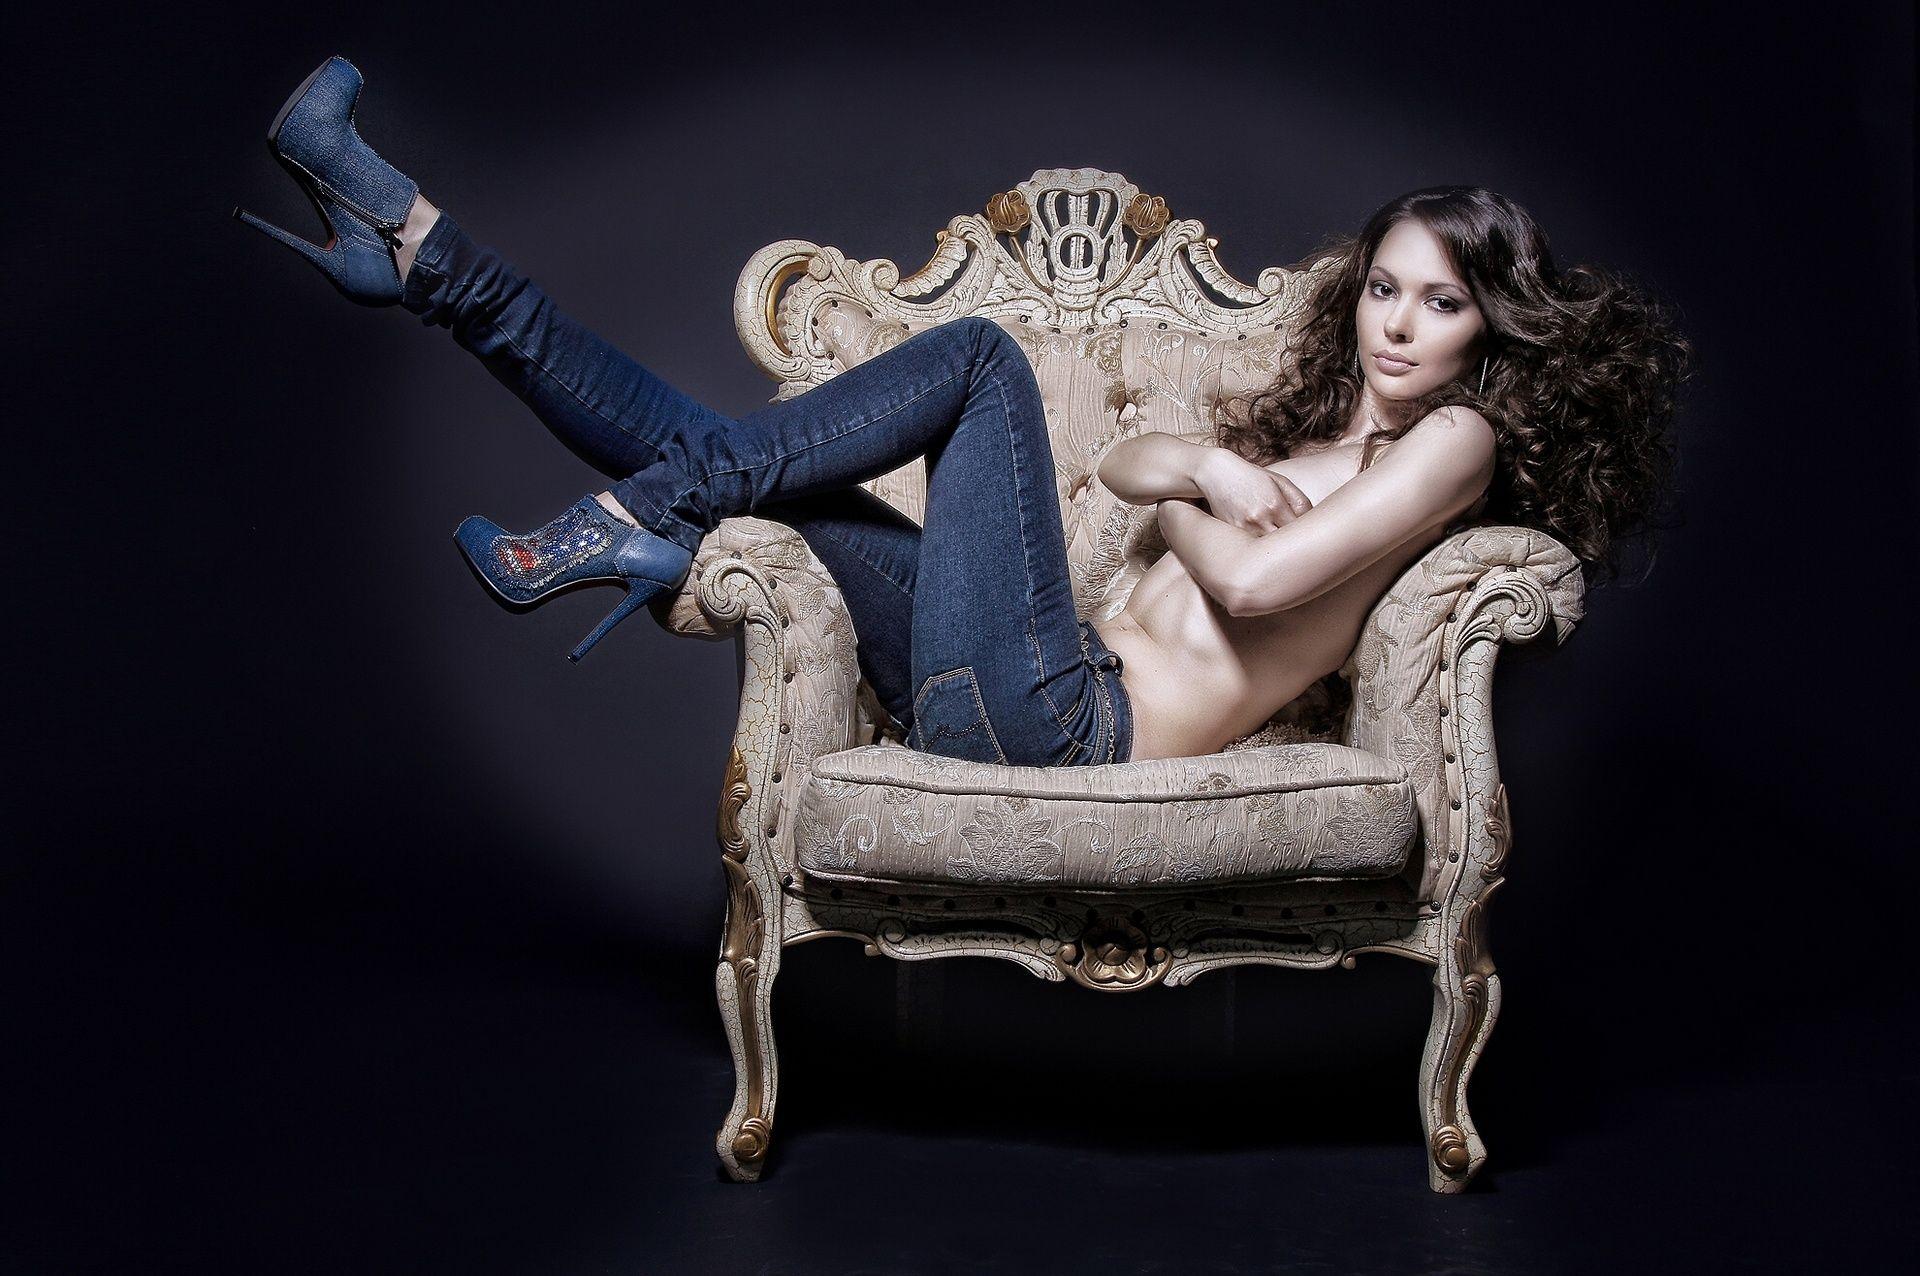 Девушку на кресле фото 580-754